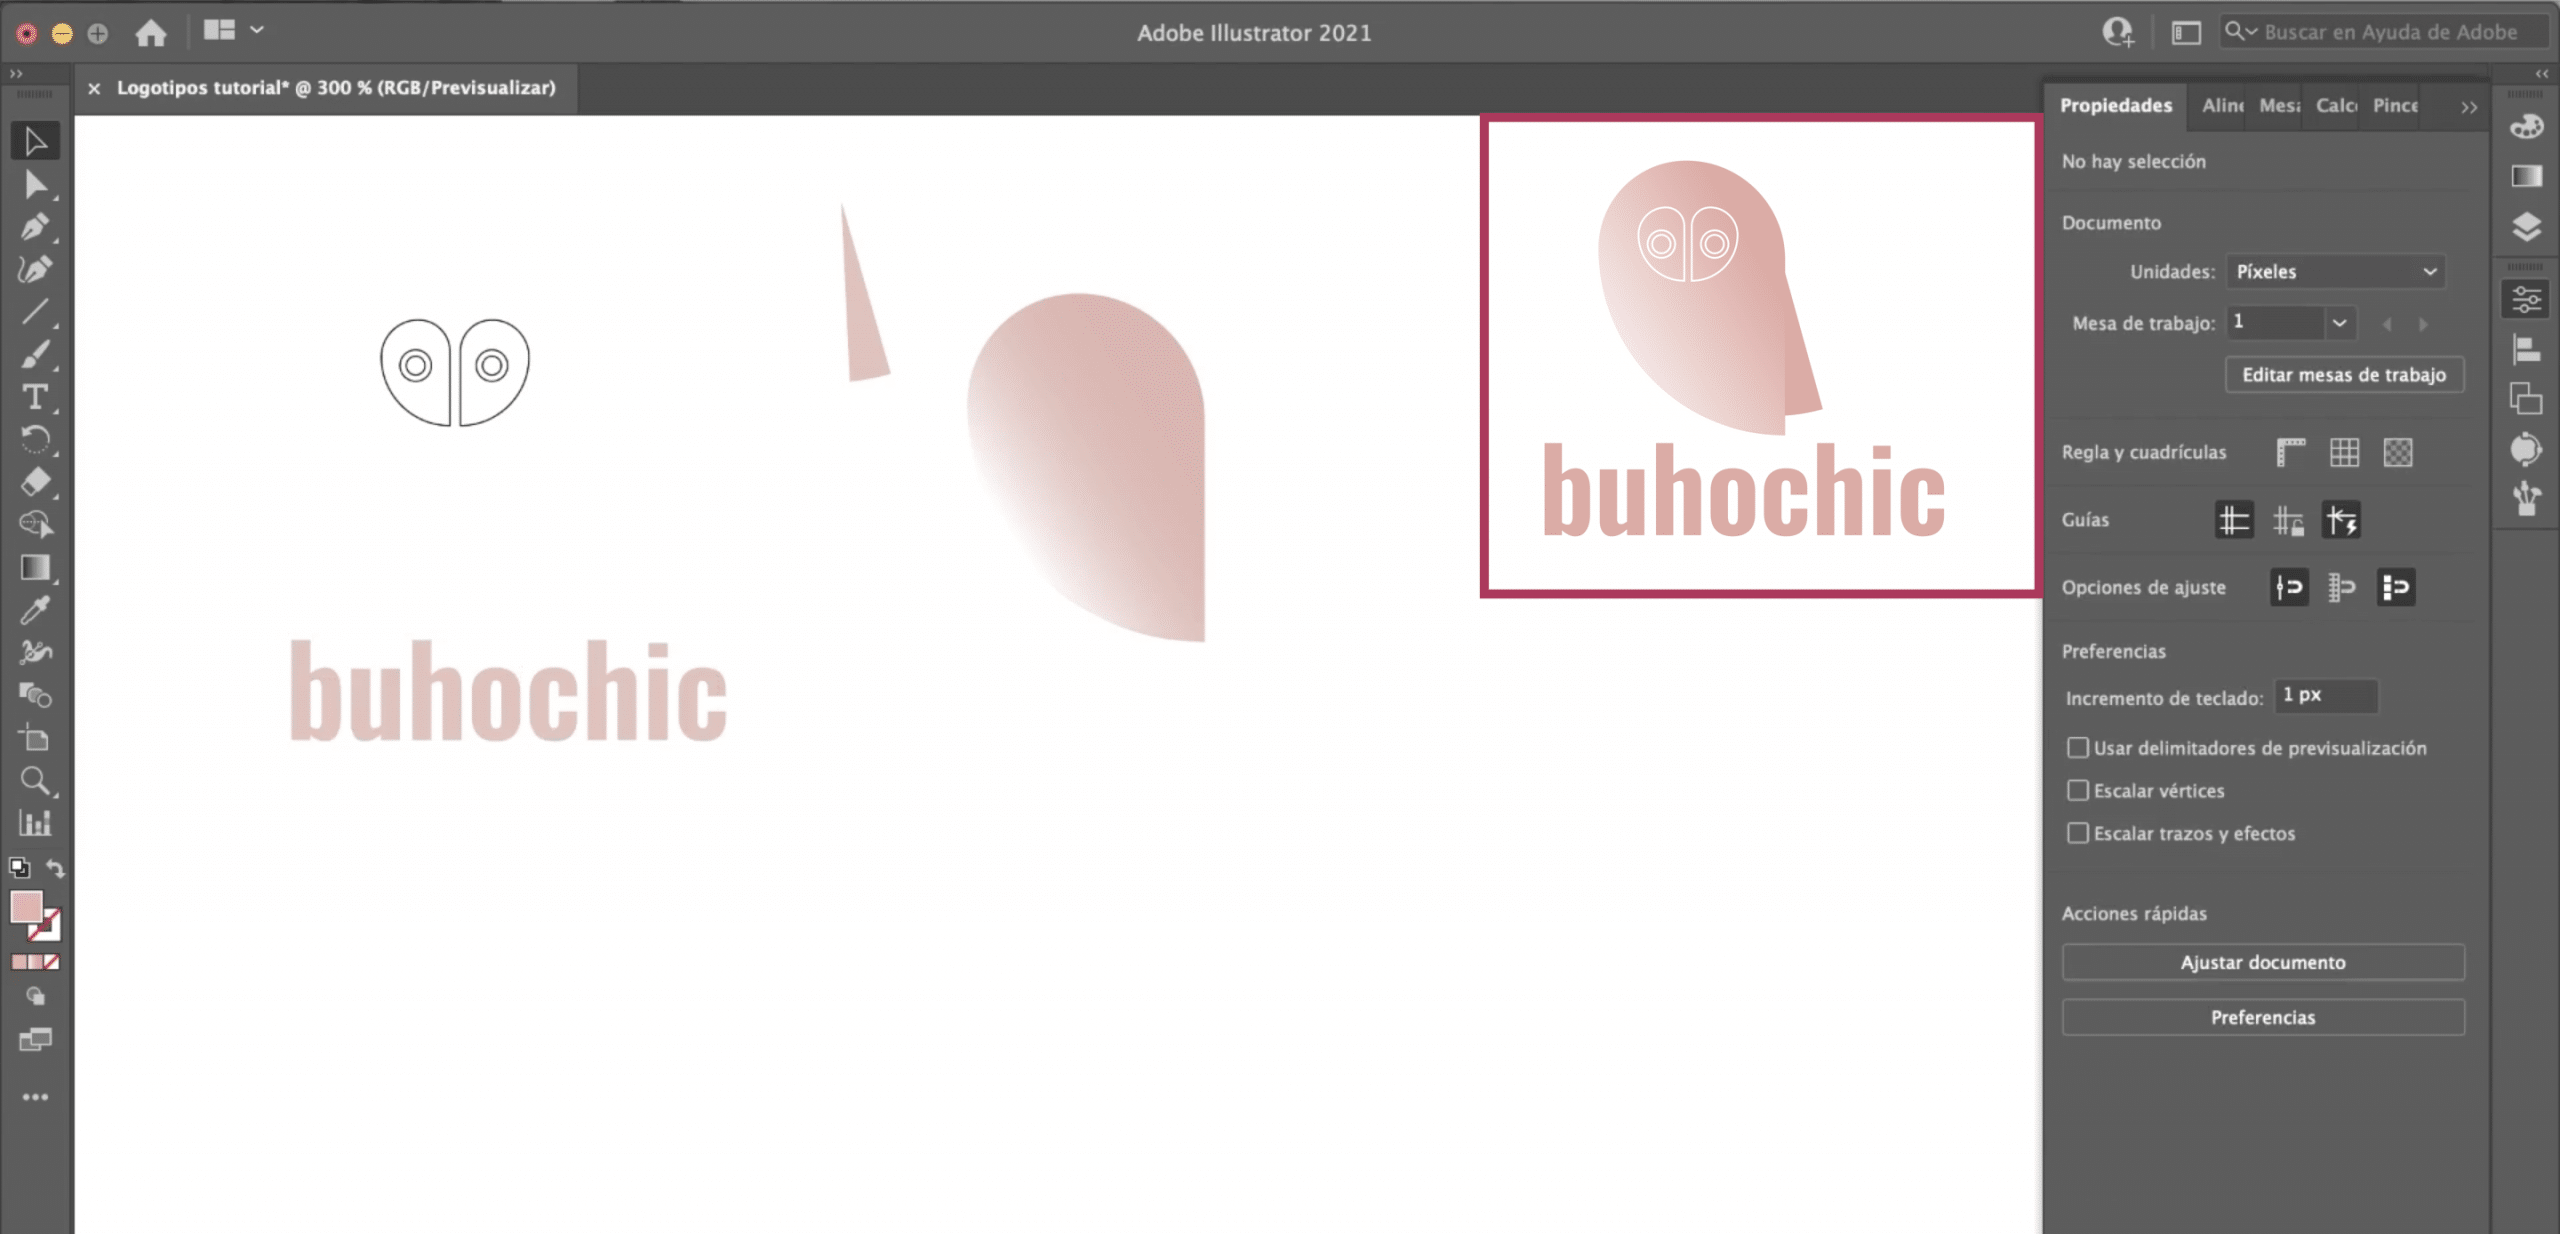 Analiza el modelo para crear logotipo en Illustrator